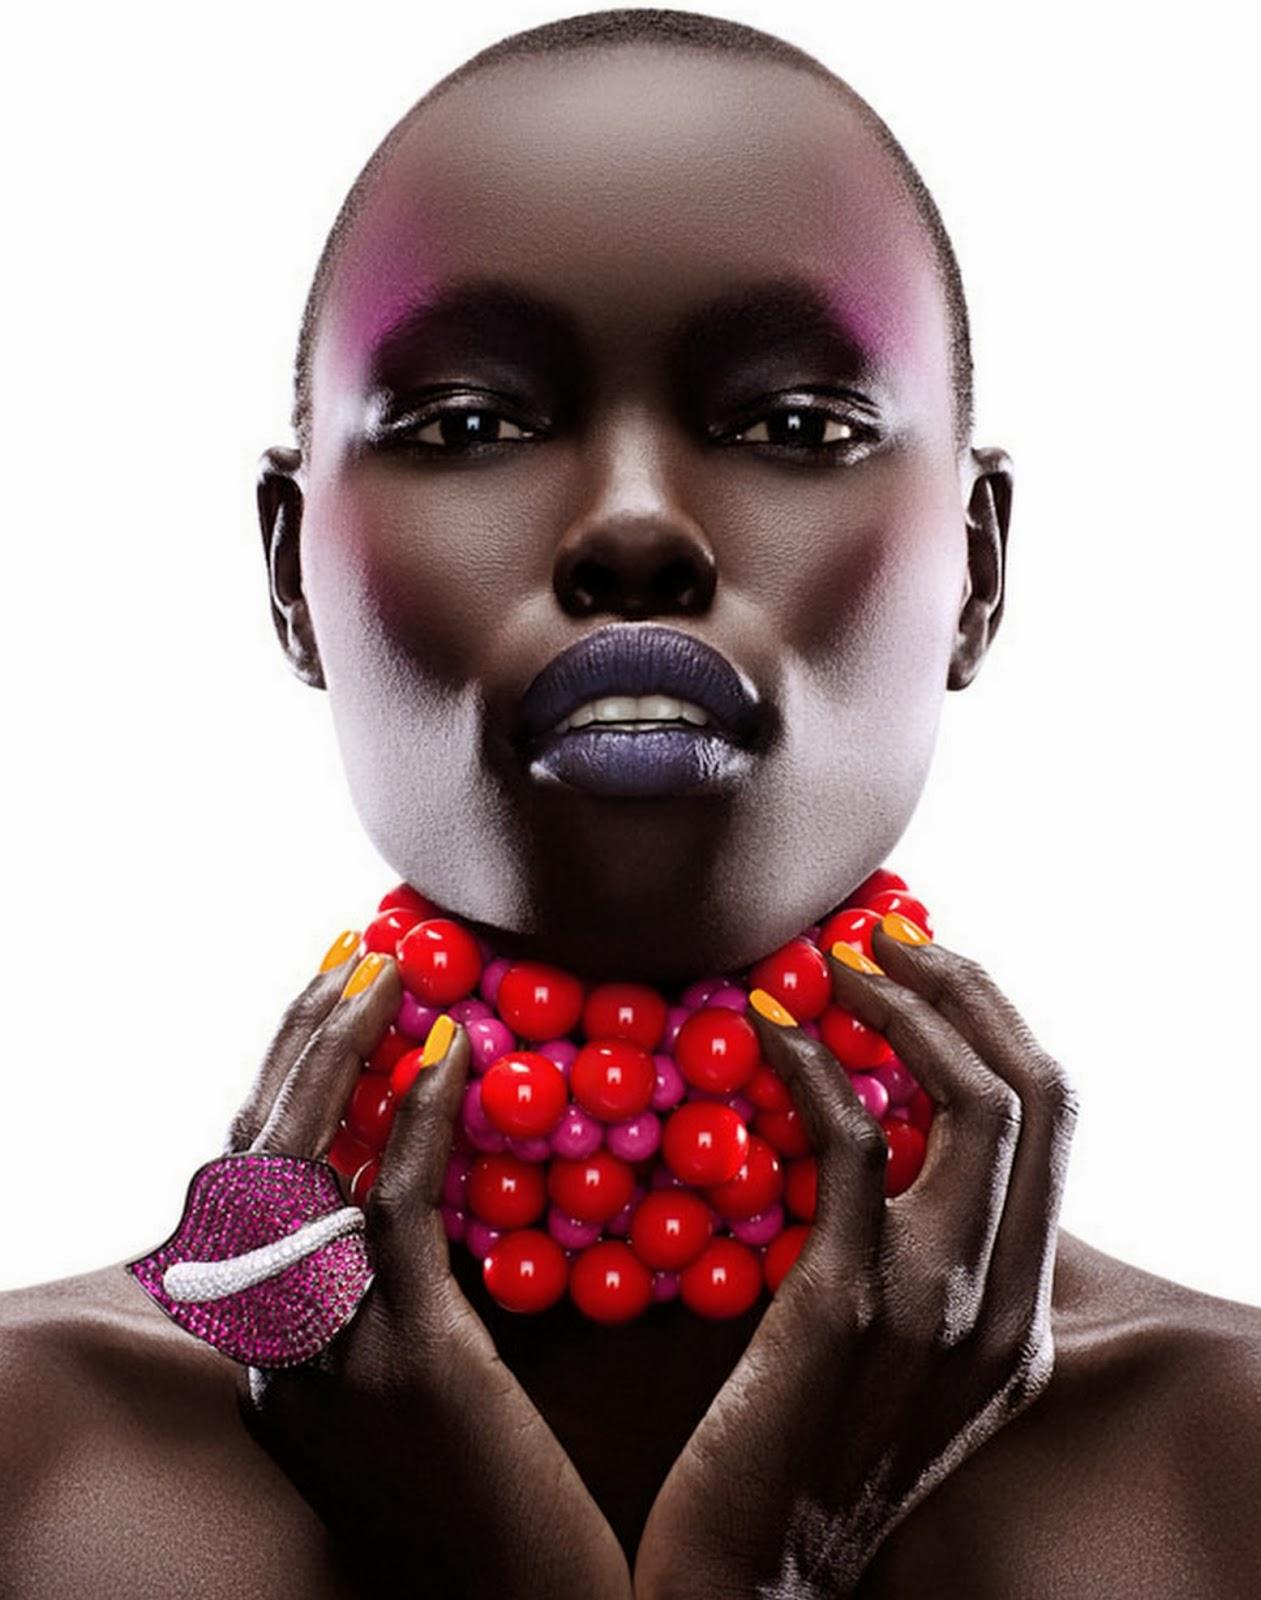 fotos-de-rostros-de-mujeres-africanas